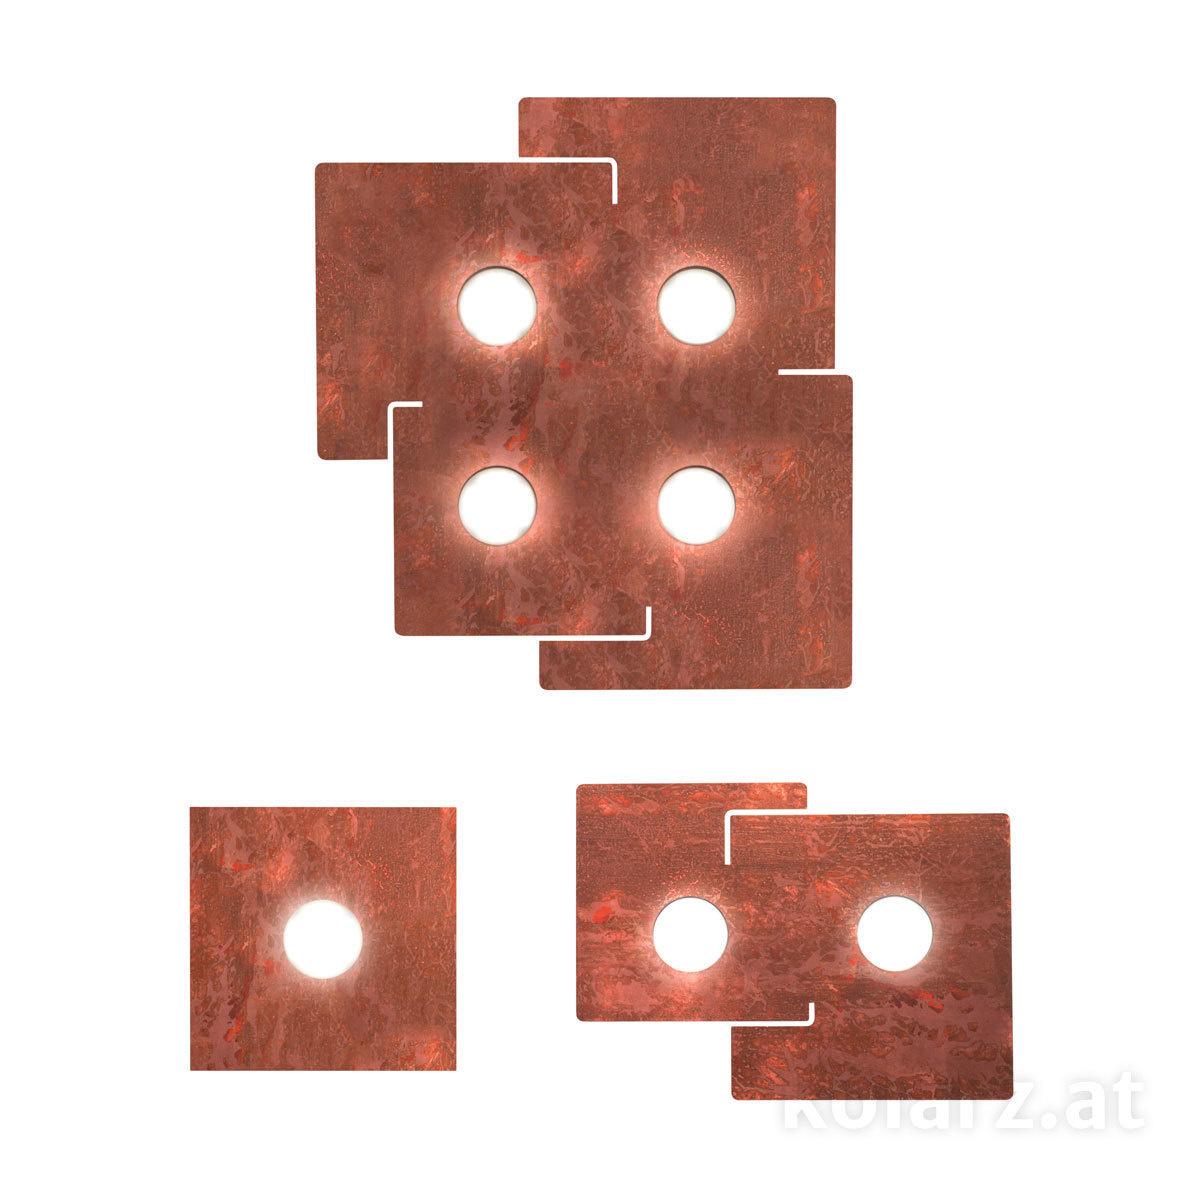 A1337-11-1-VinCu-f2.jpg